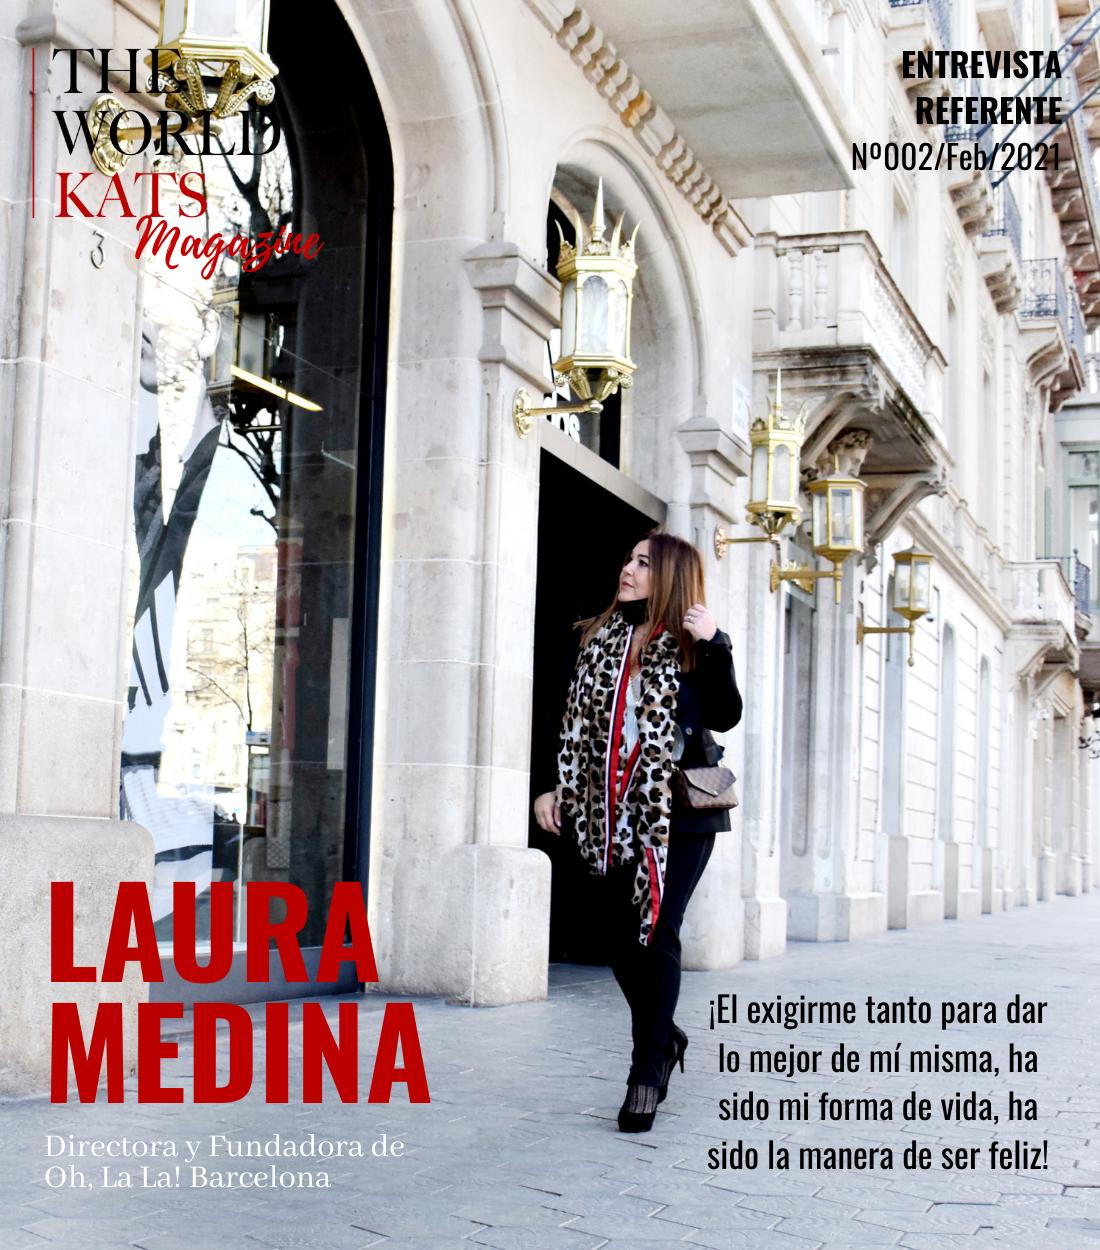 Entrevista a Laura Medina, Directora de Oh, la la! Event